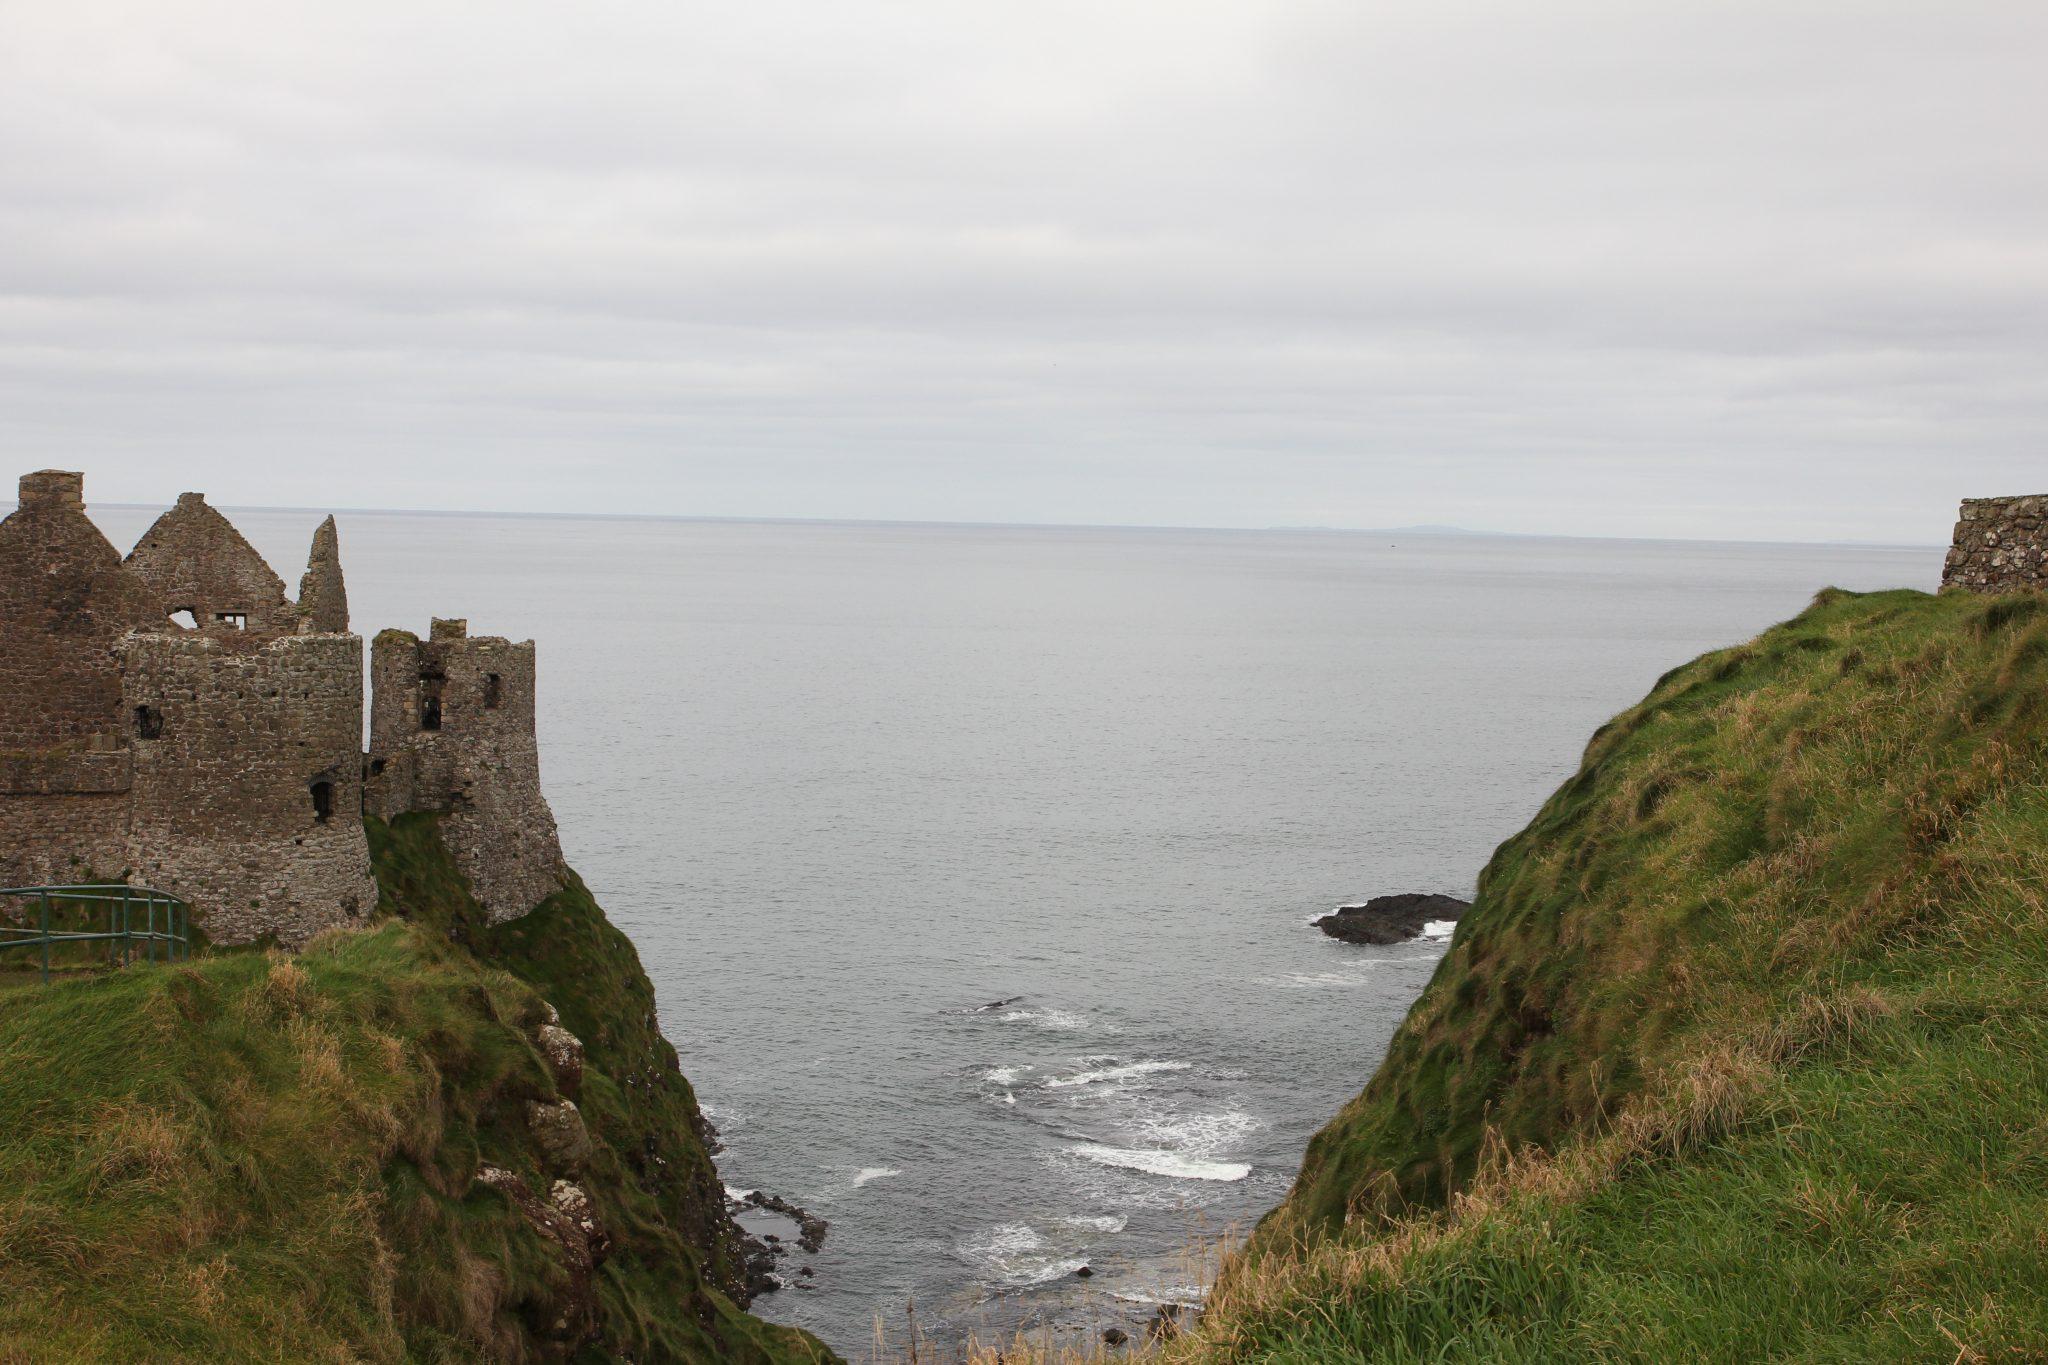 Ireland 17 – Luft, Landschaft, Linksverkehr, Leute